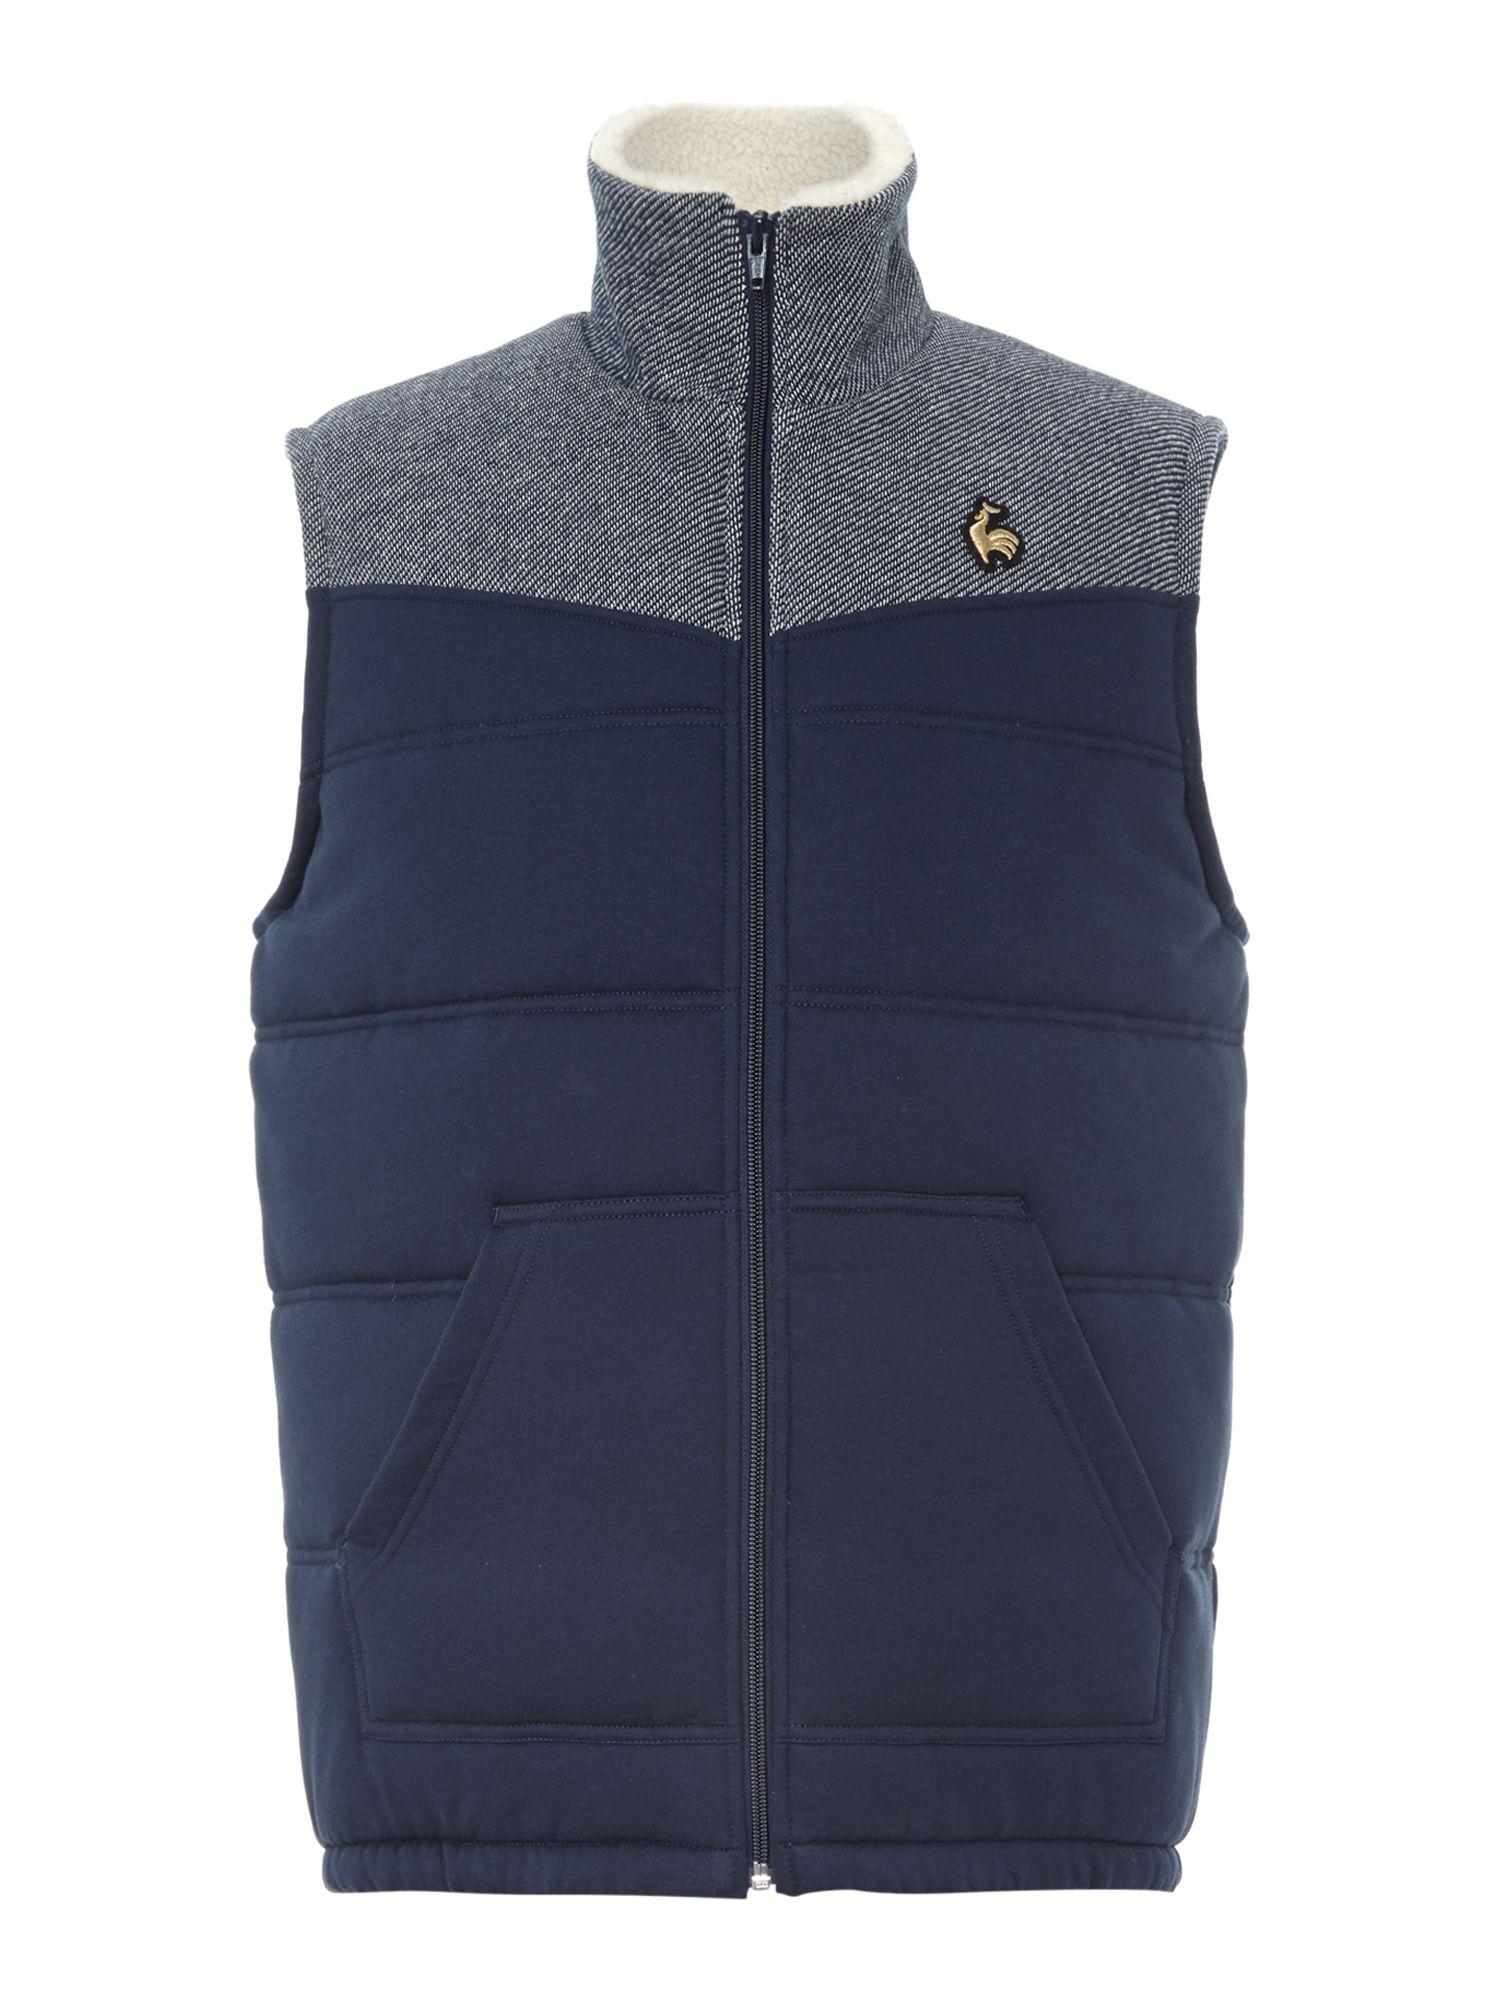 le coq sportif coq d or nugere short sleeve jacket in blue for men lyst. Black Bedroom Furniture Sets. Home Design Ideas